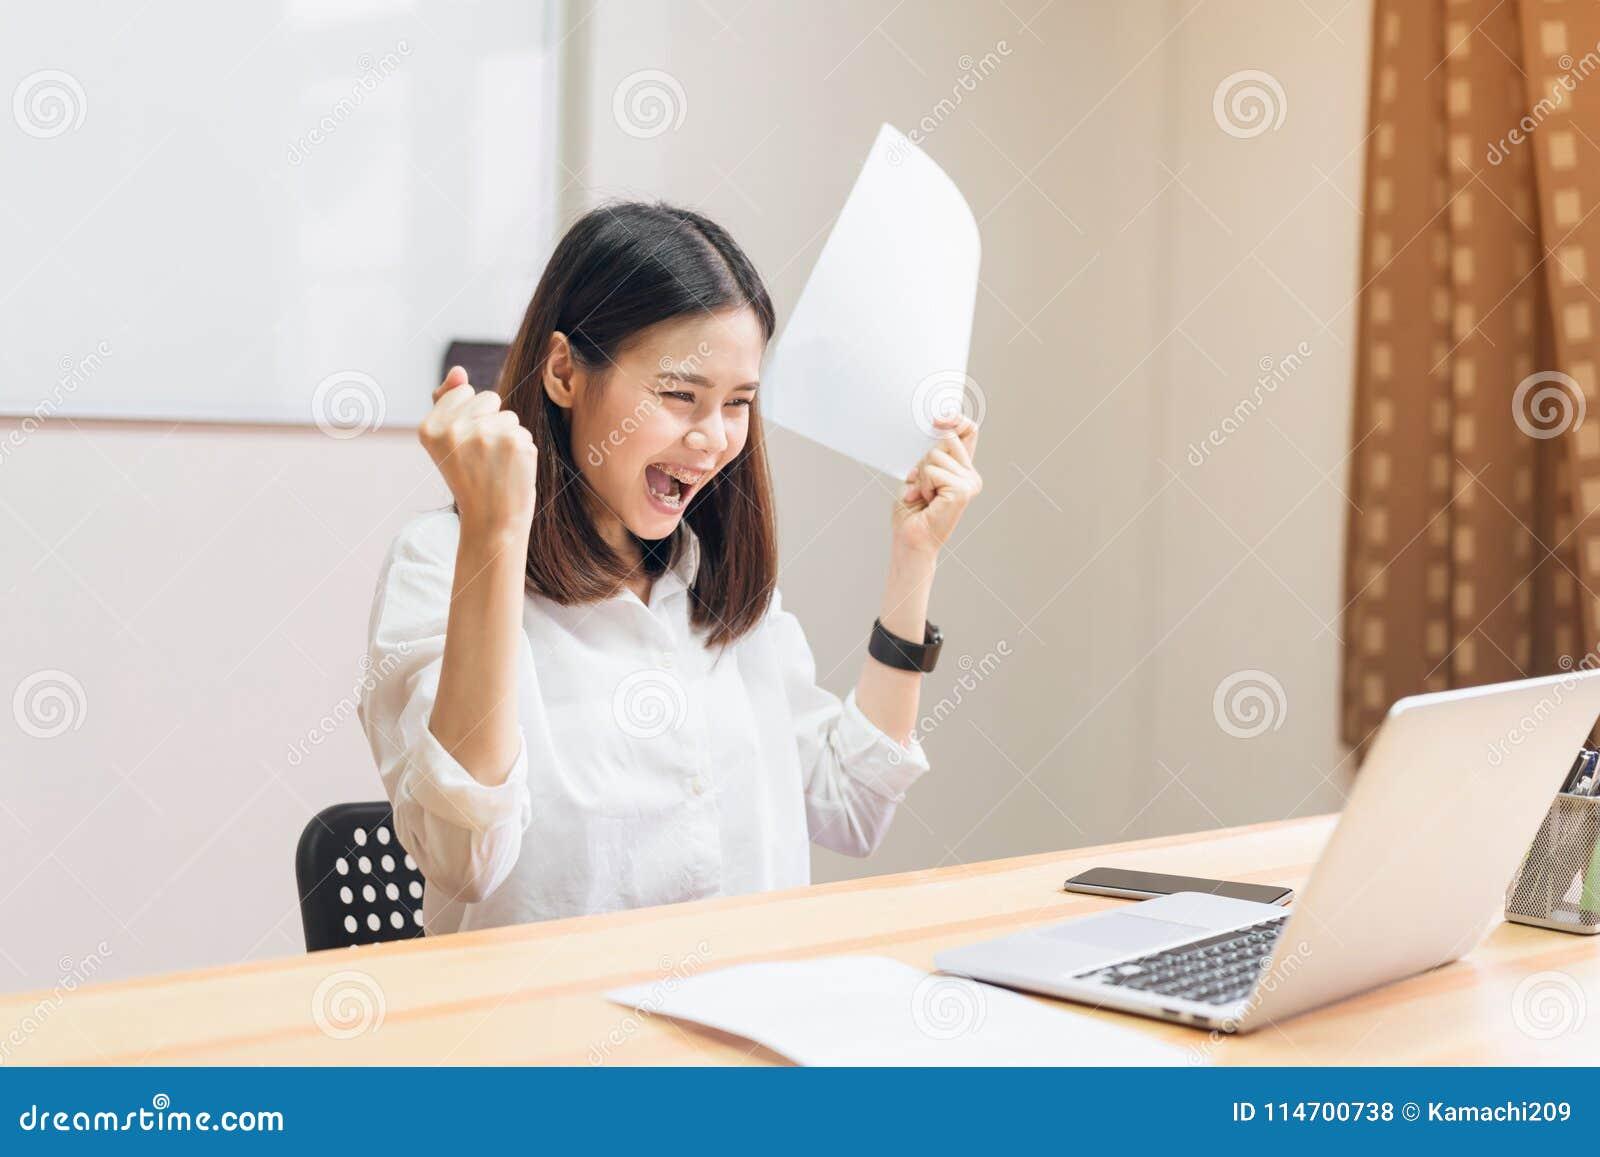 Los puños de las mujeres de negocios que eran emocionados de éxito expresaron alegría porque trabajan para alcanzar sus metas